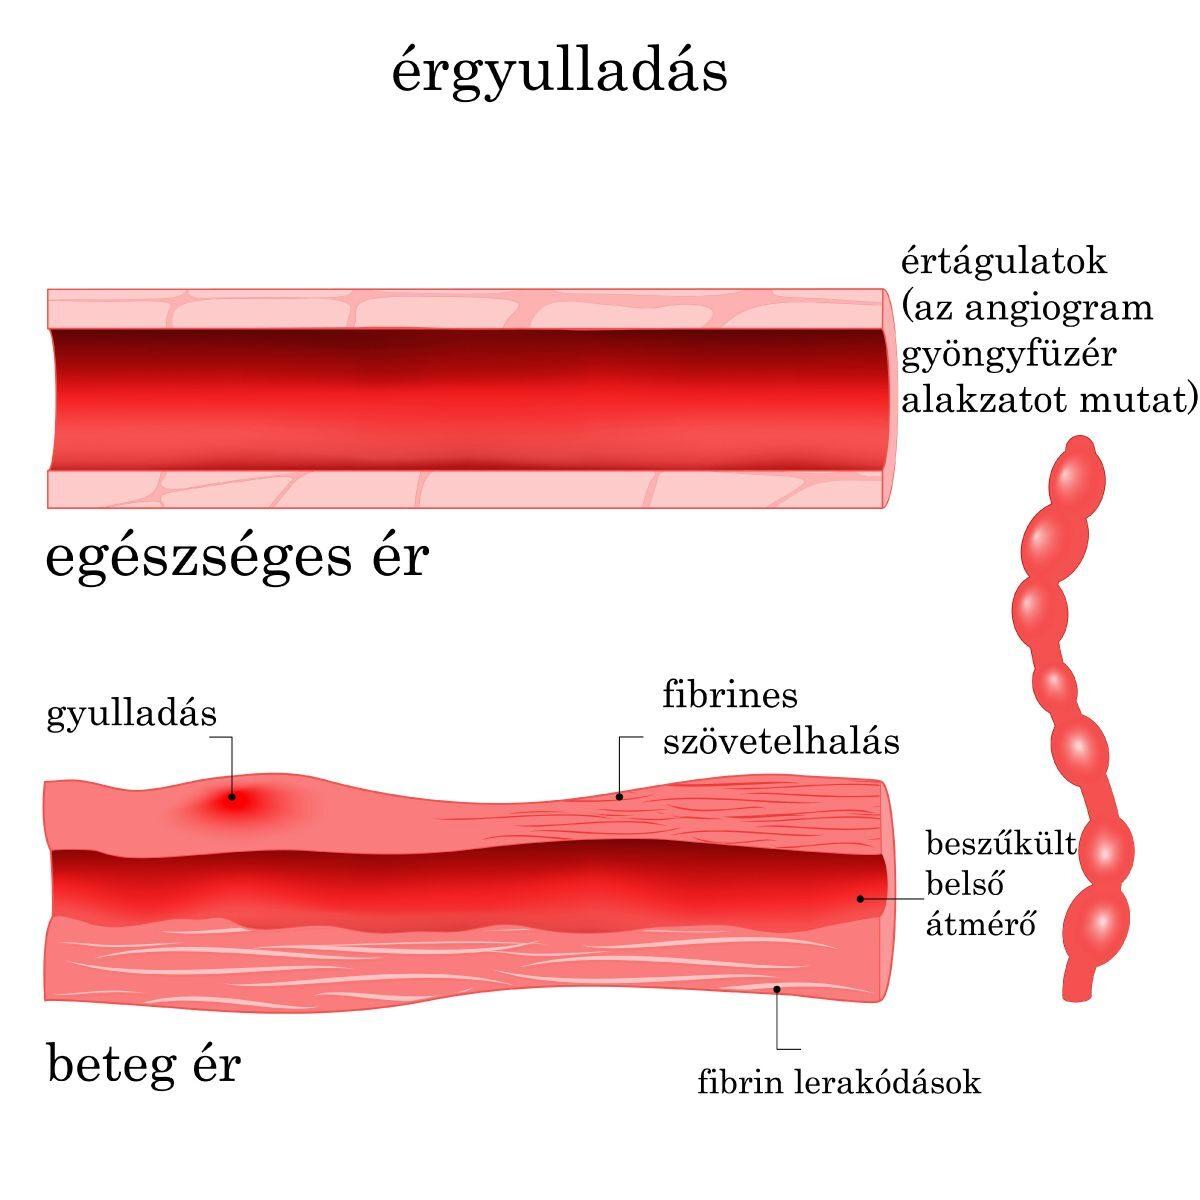 Az érgyulladás (vasculitis) tünetei és kezelése